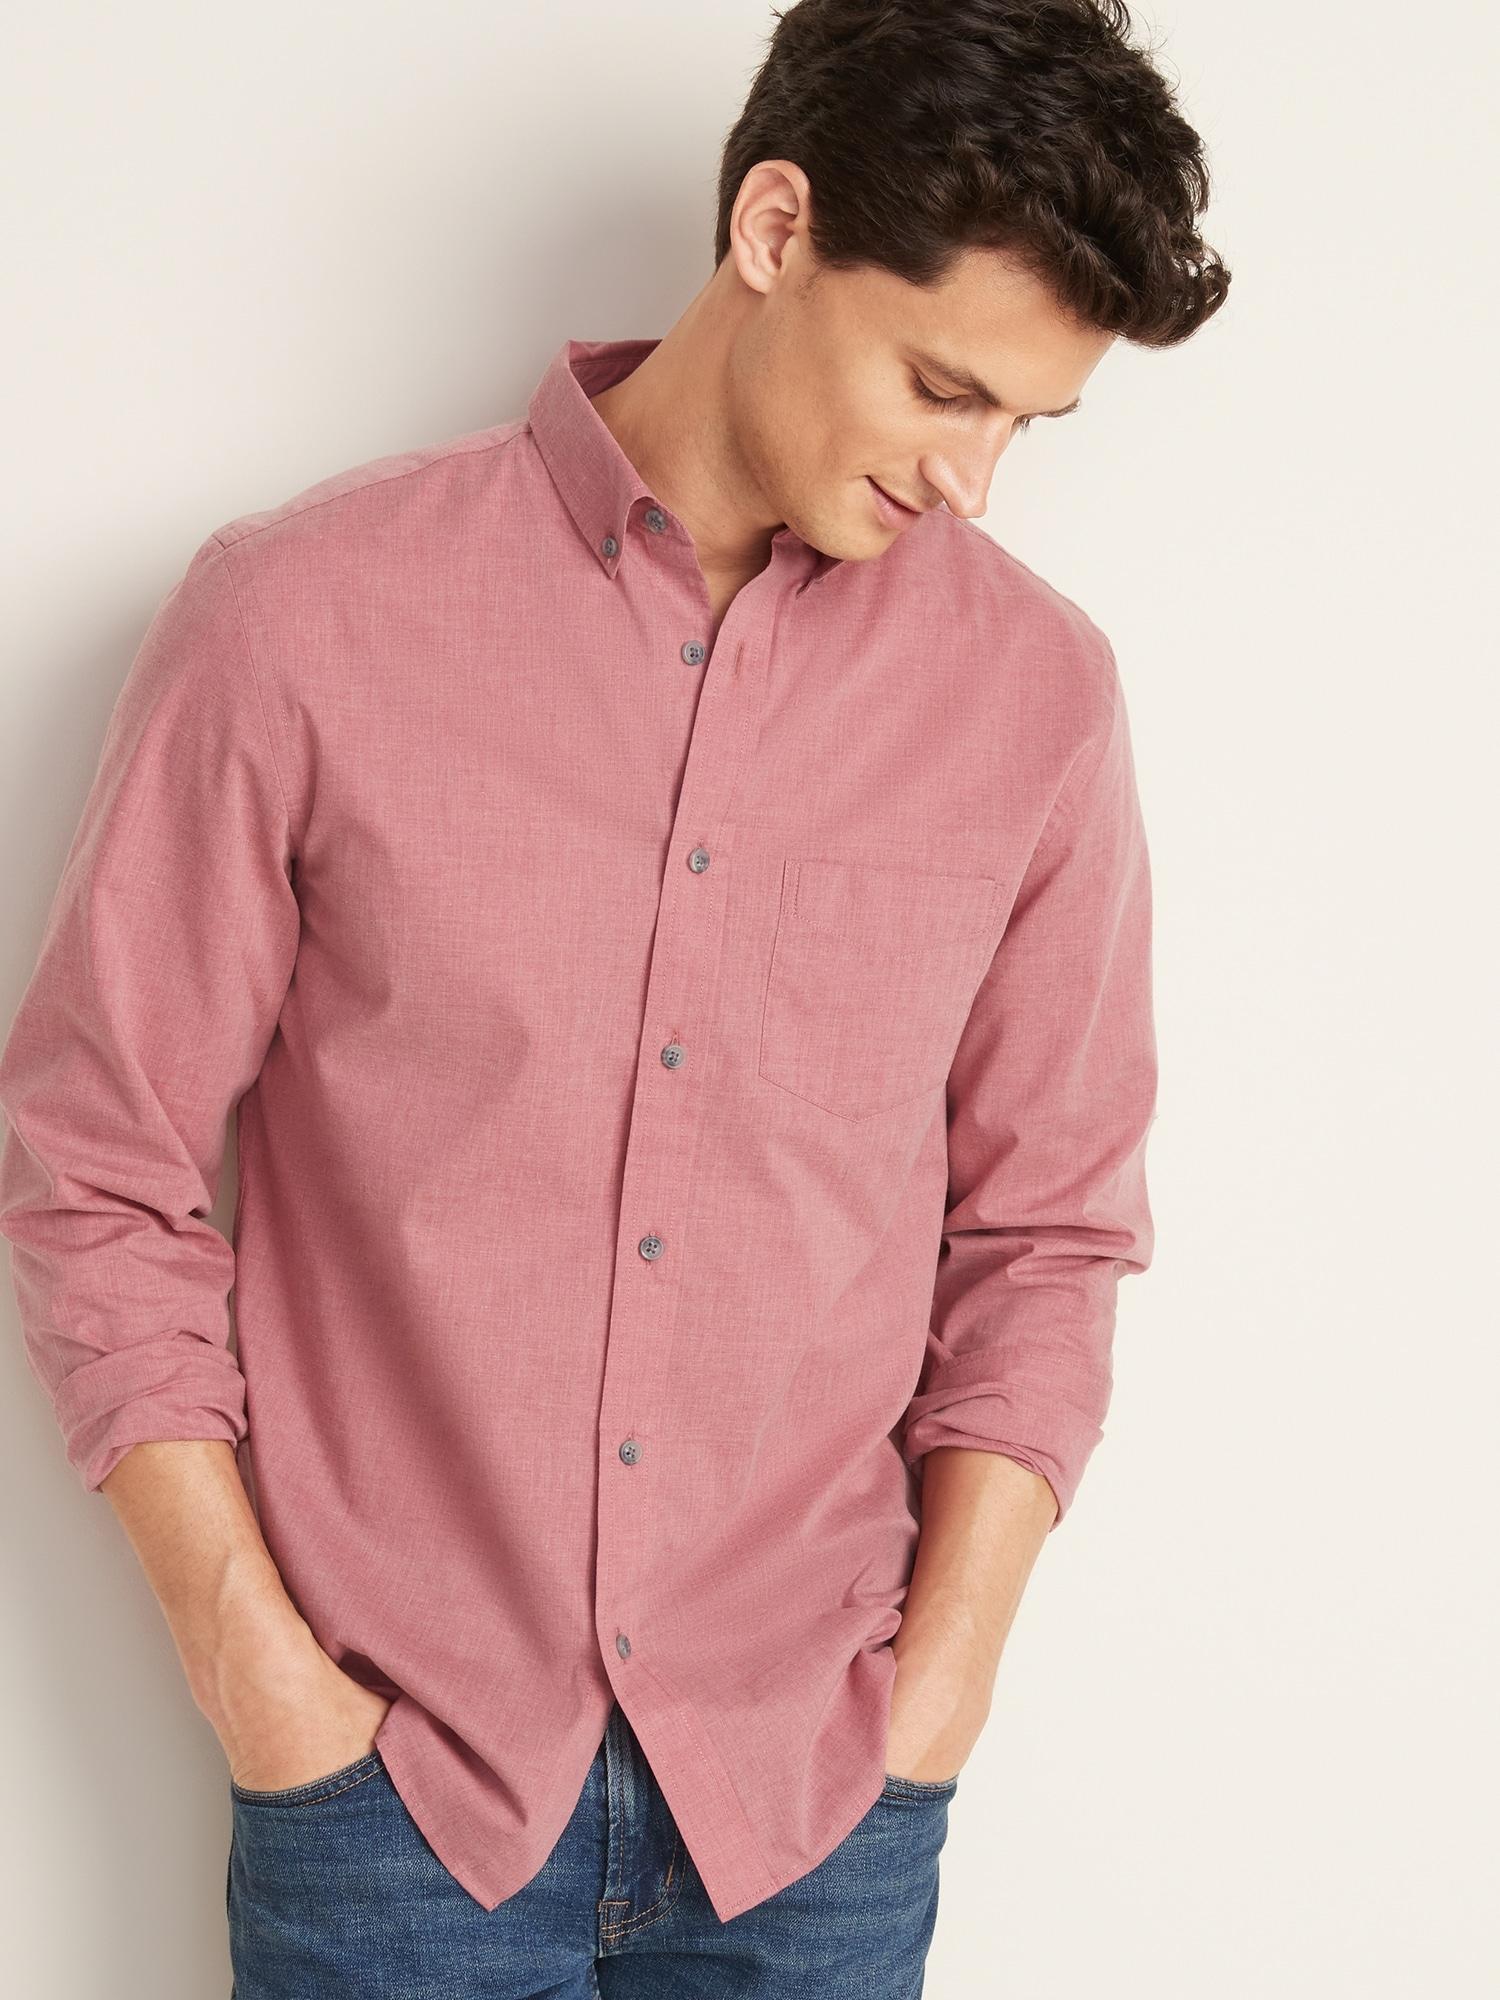 afe3202b6d7815 Slim-Fit Poplin Shirt For Men   Old Navy